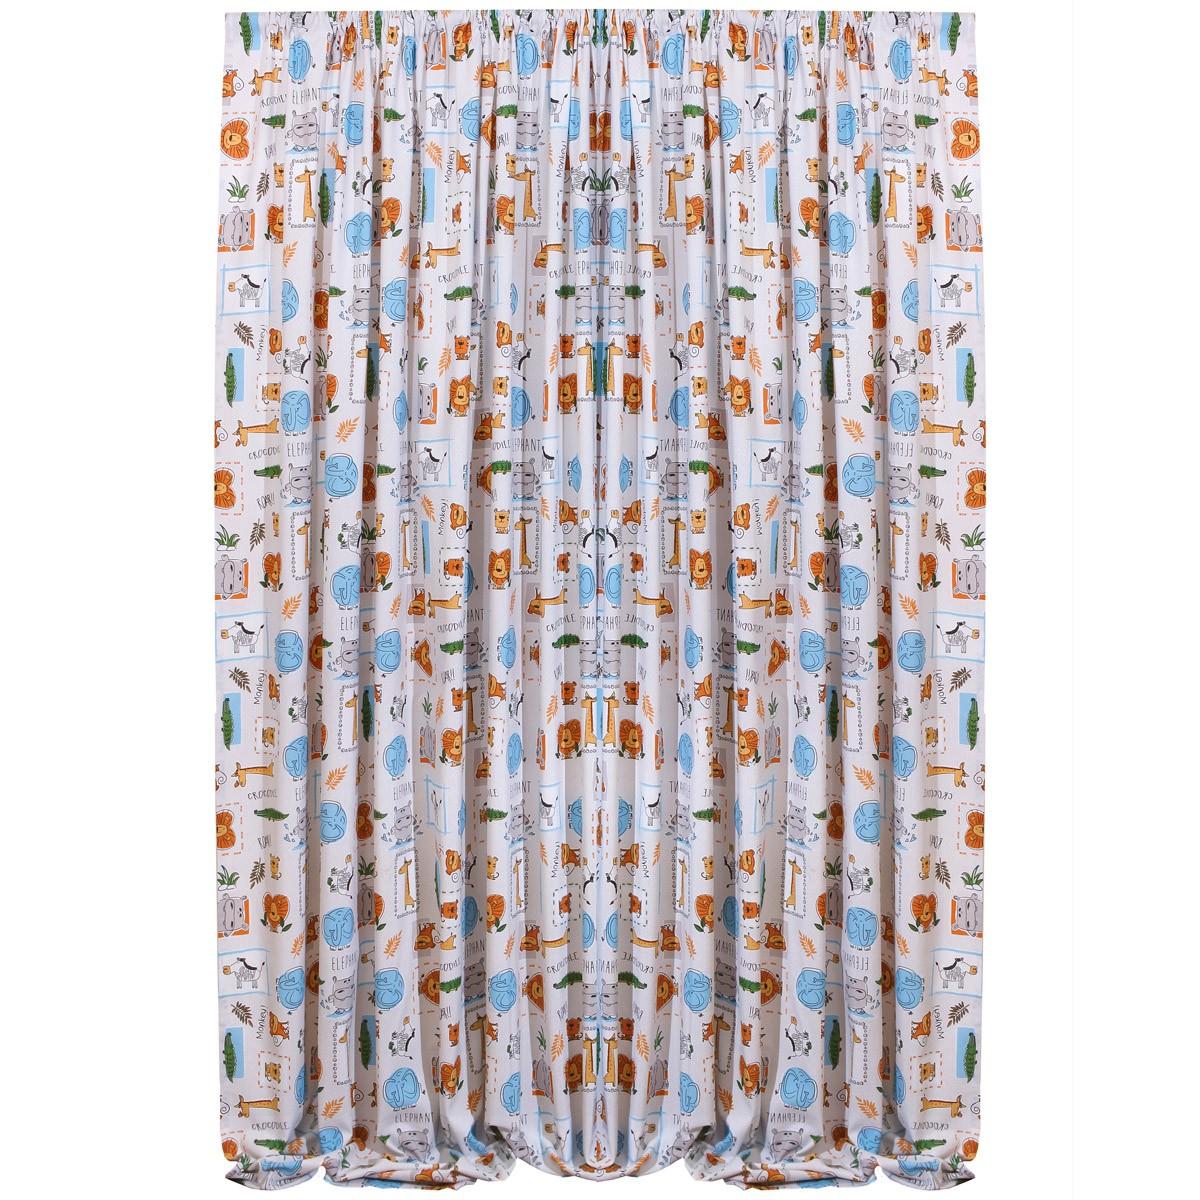 Παιδική Κουρτίνα (280x270) Viopros Curtains Ζου